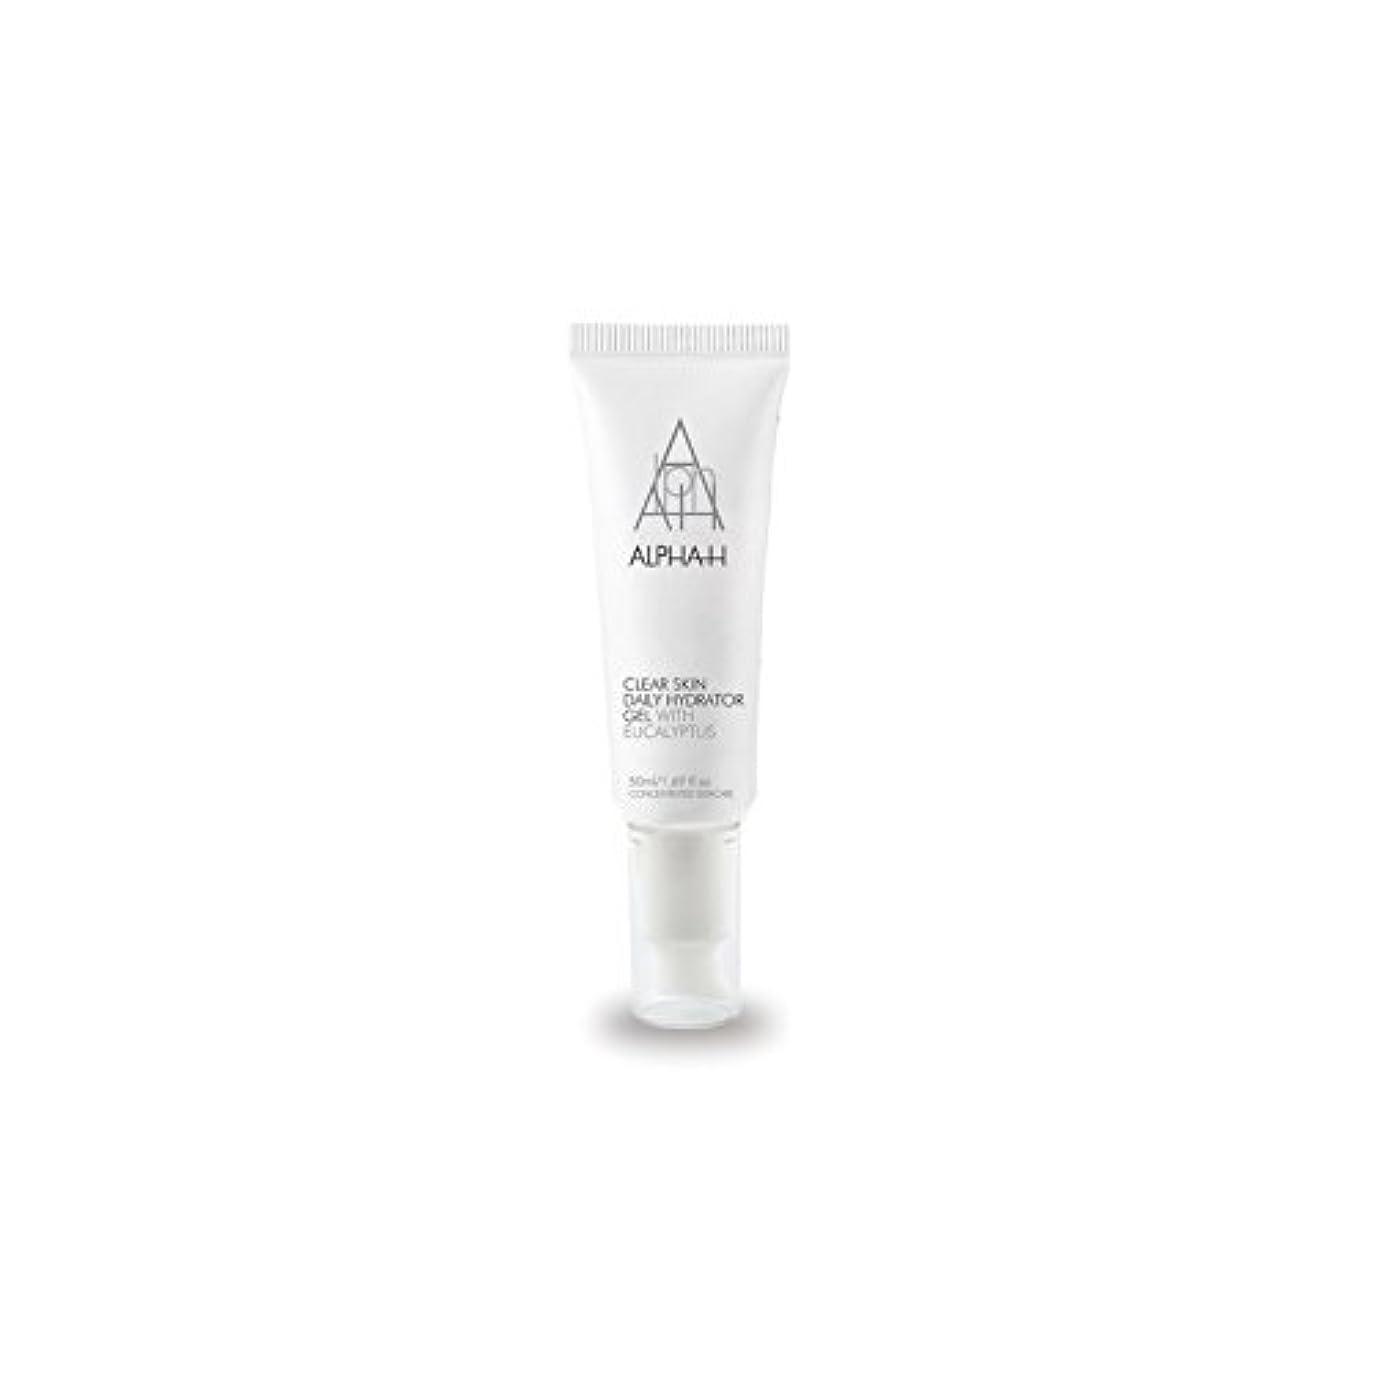 取るに足らない大腿選挙アルファクリア皮膚毎日ハイドレーターゲル(50)中 x4 - Alpha-H Clear Skin Daily Hydrator Gel (50ml) (Pack of 4) [並行輸入品]